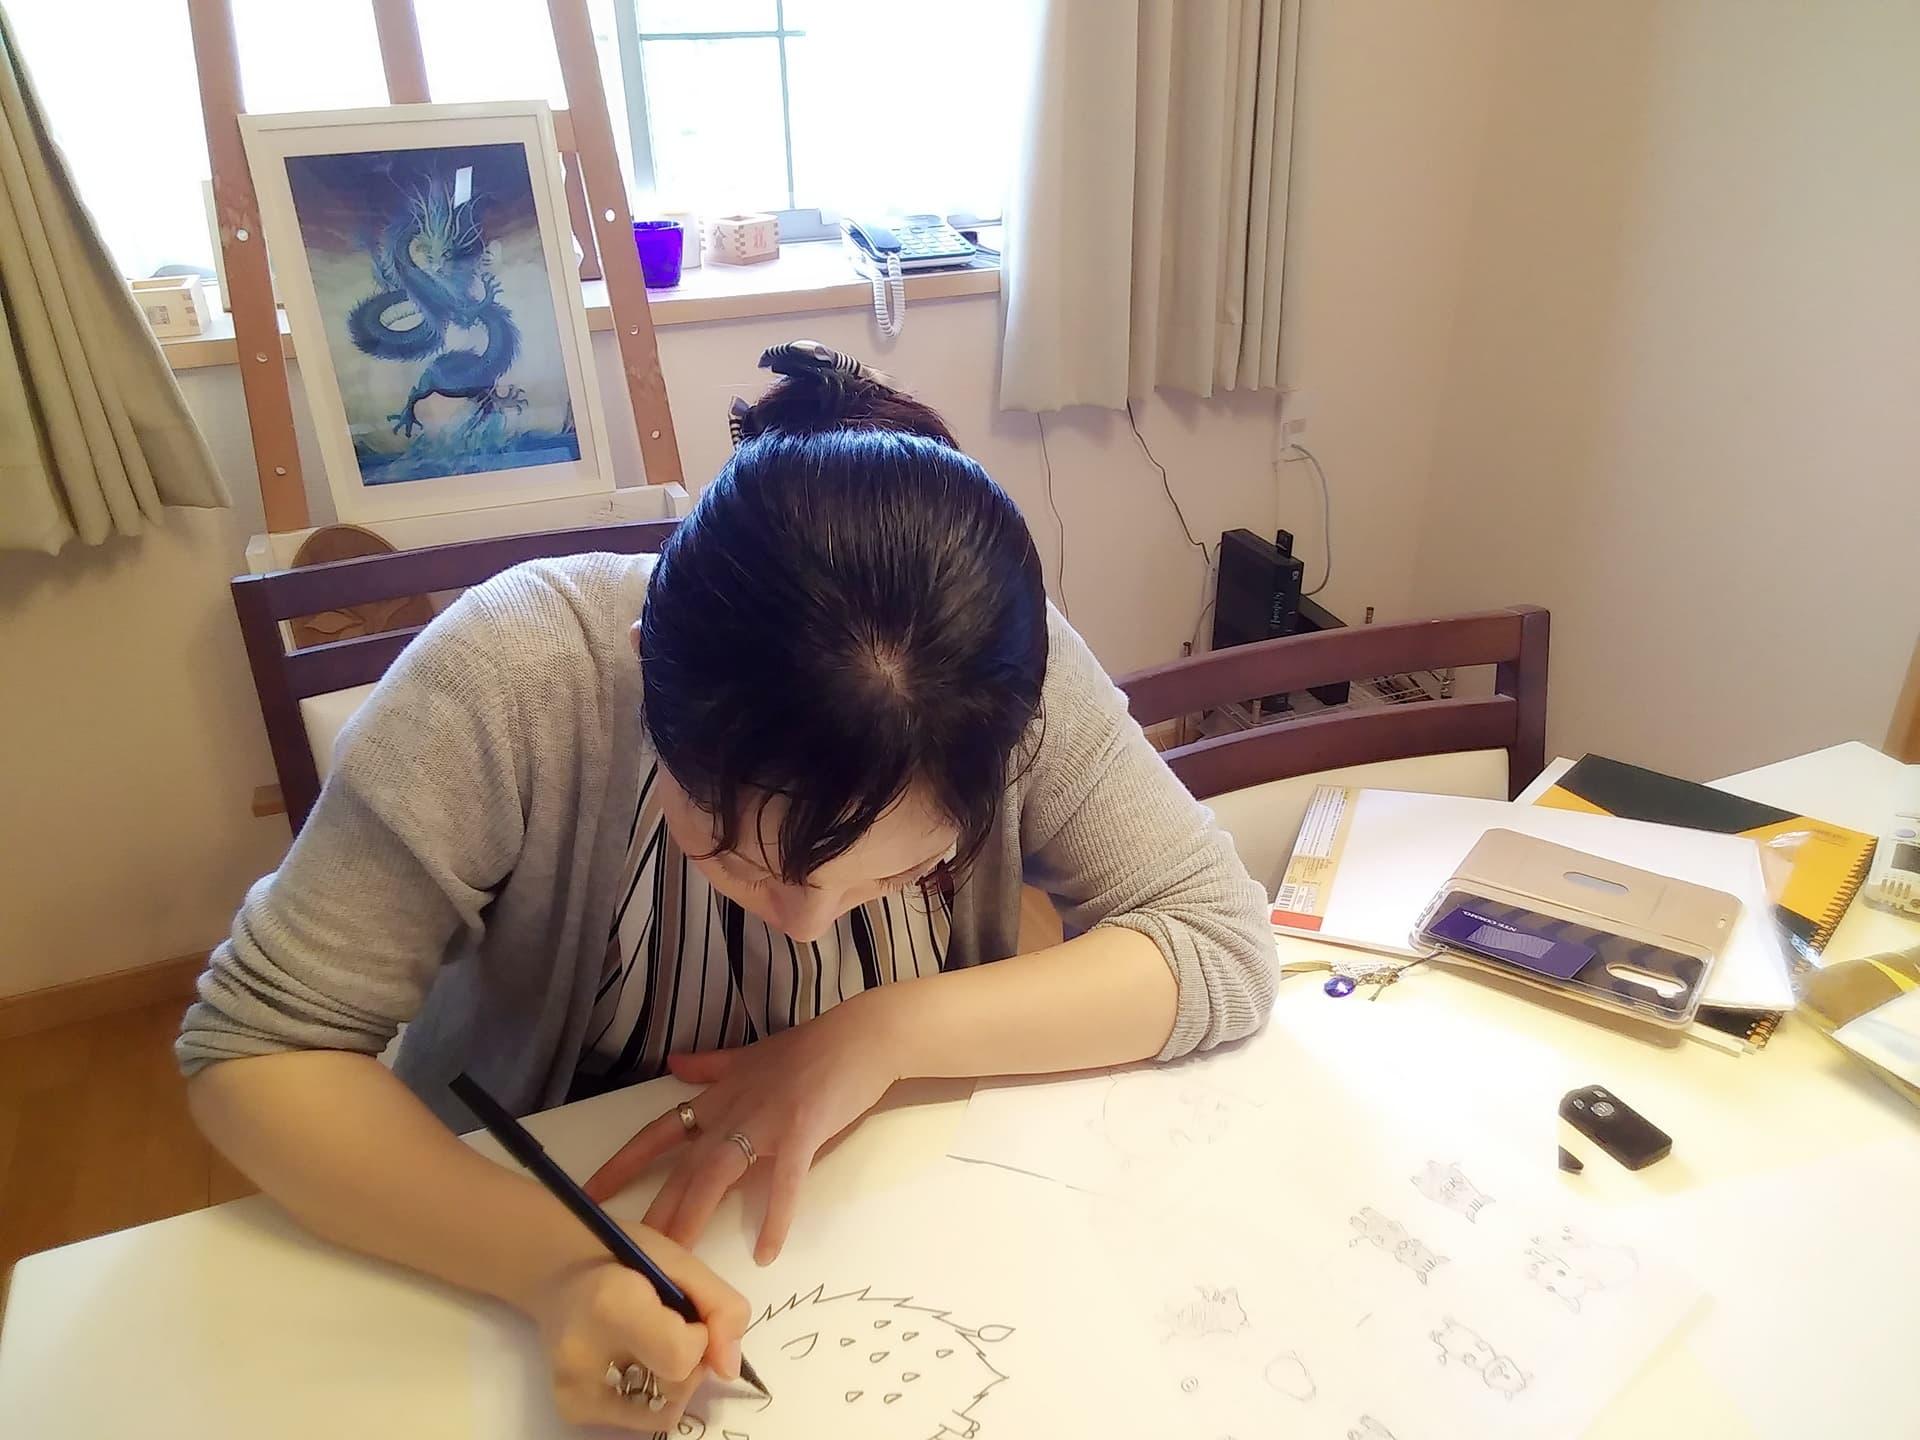 【制作途中】イノシシのイラスト3